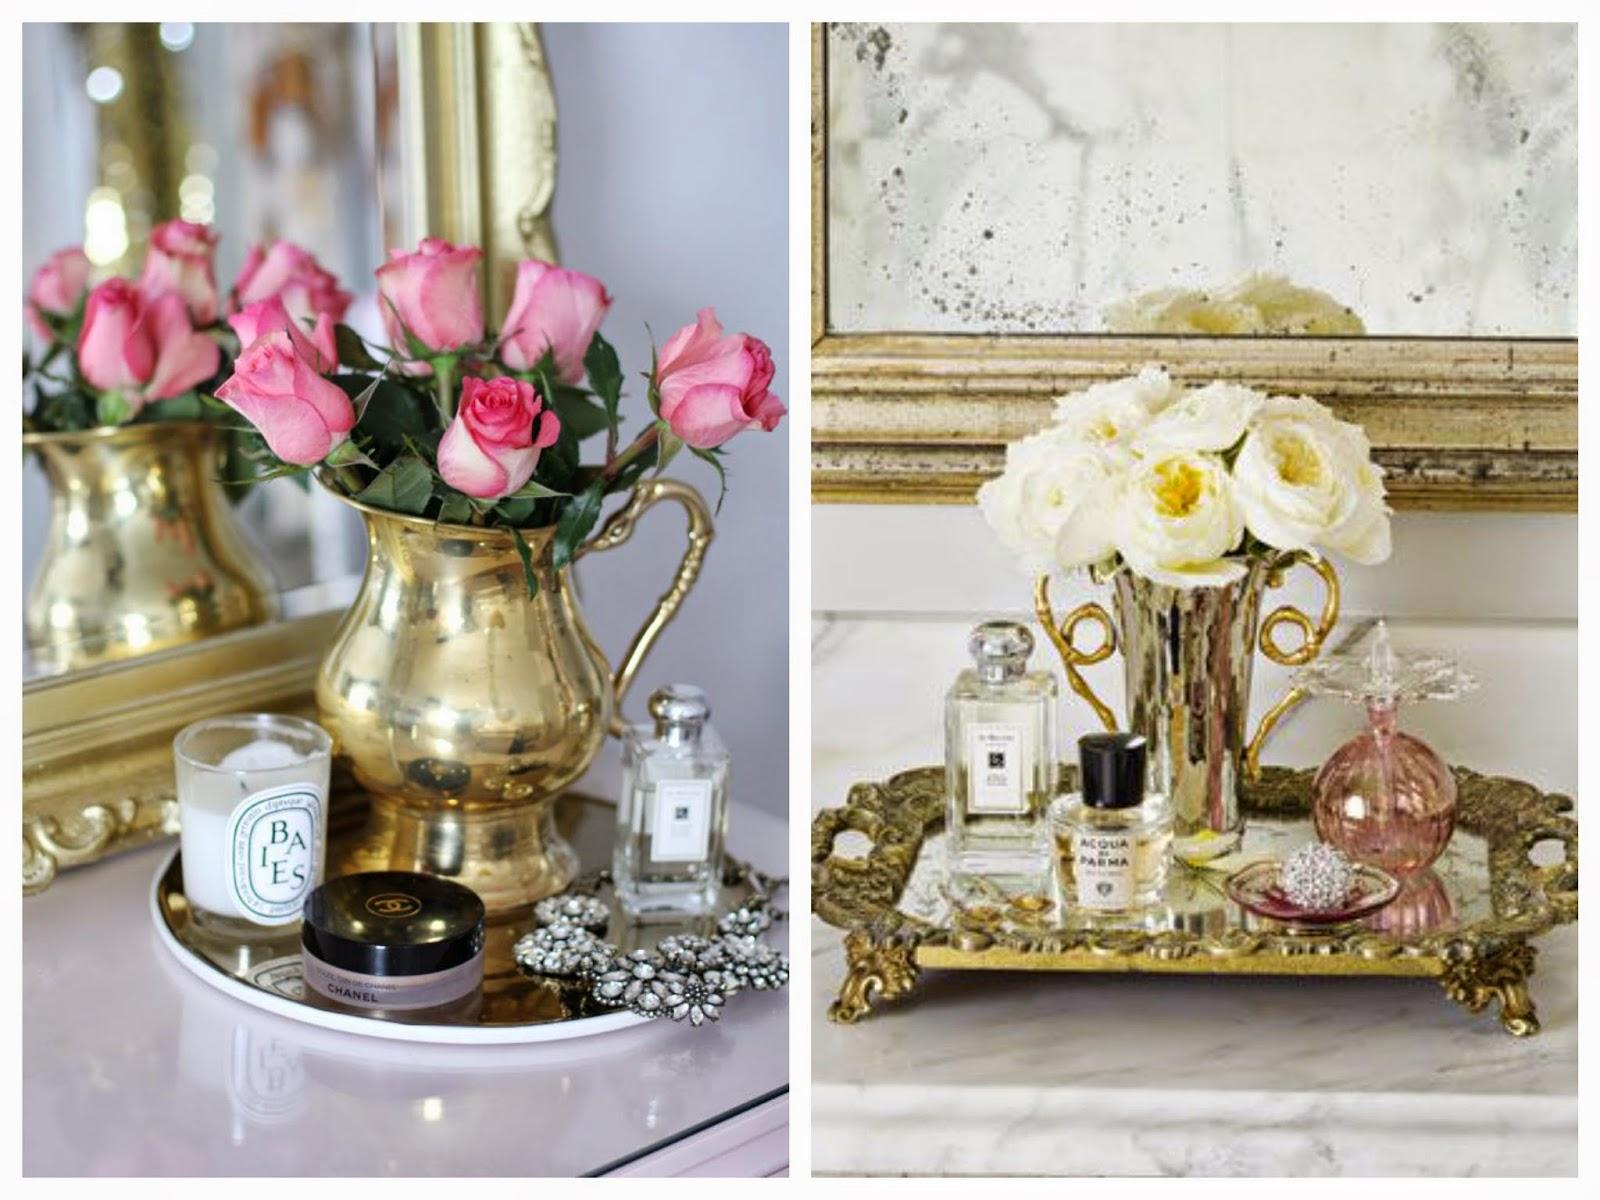 Colocar flores em vasos e pequenas bandejinhas ou pratinhos antigos  #66492D 1600 1200